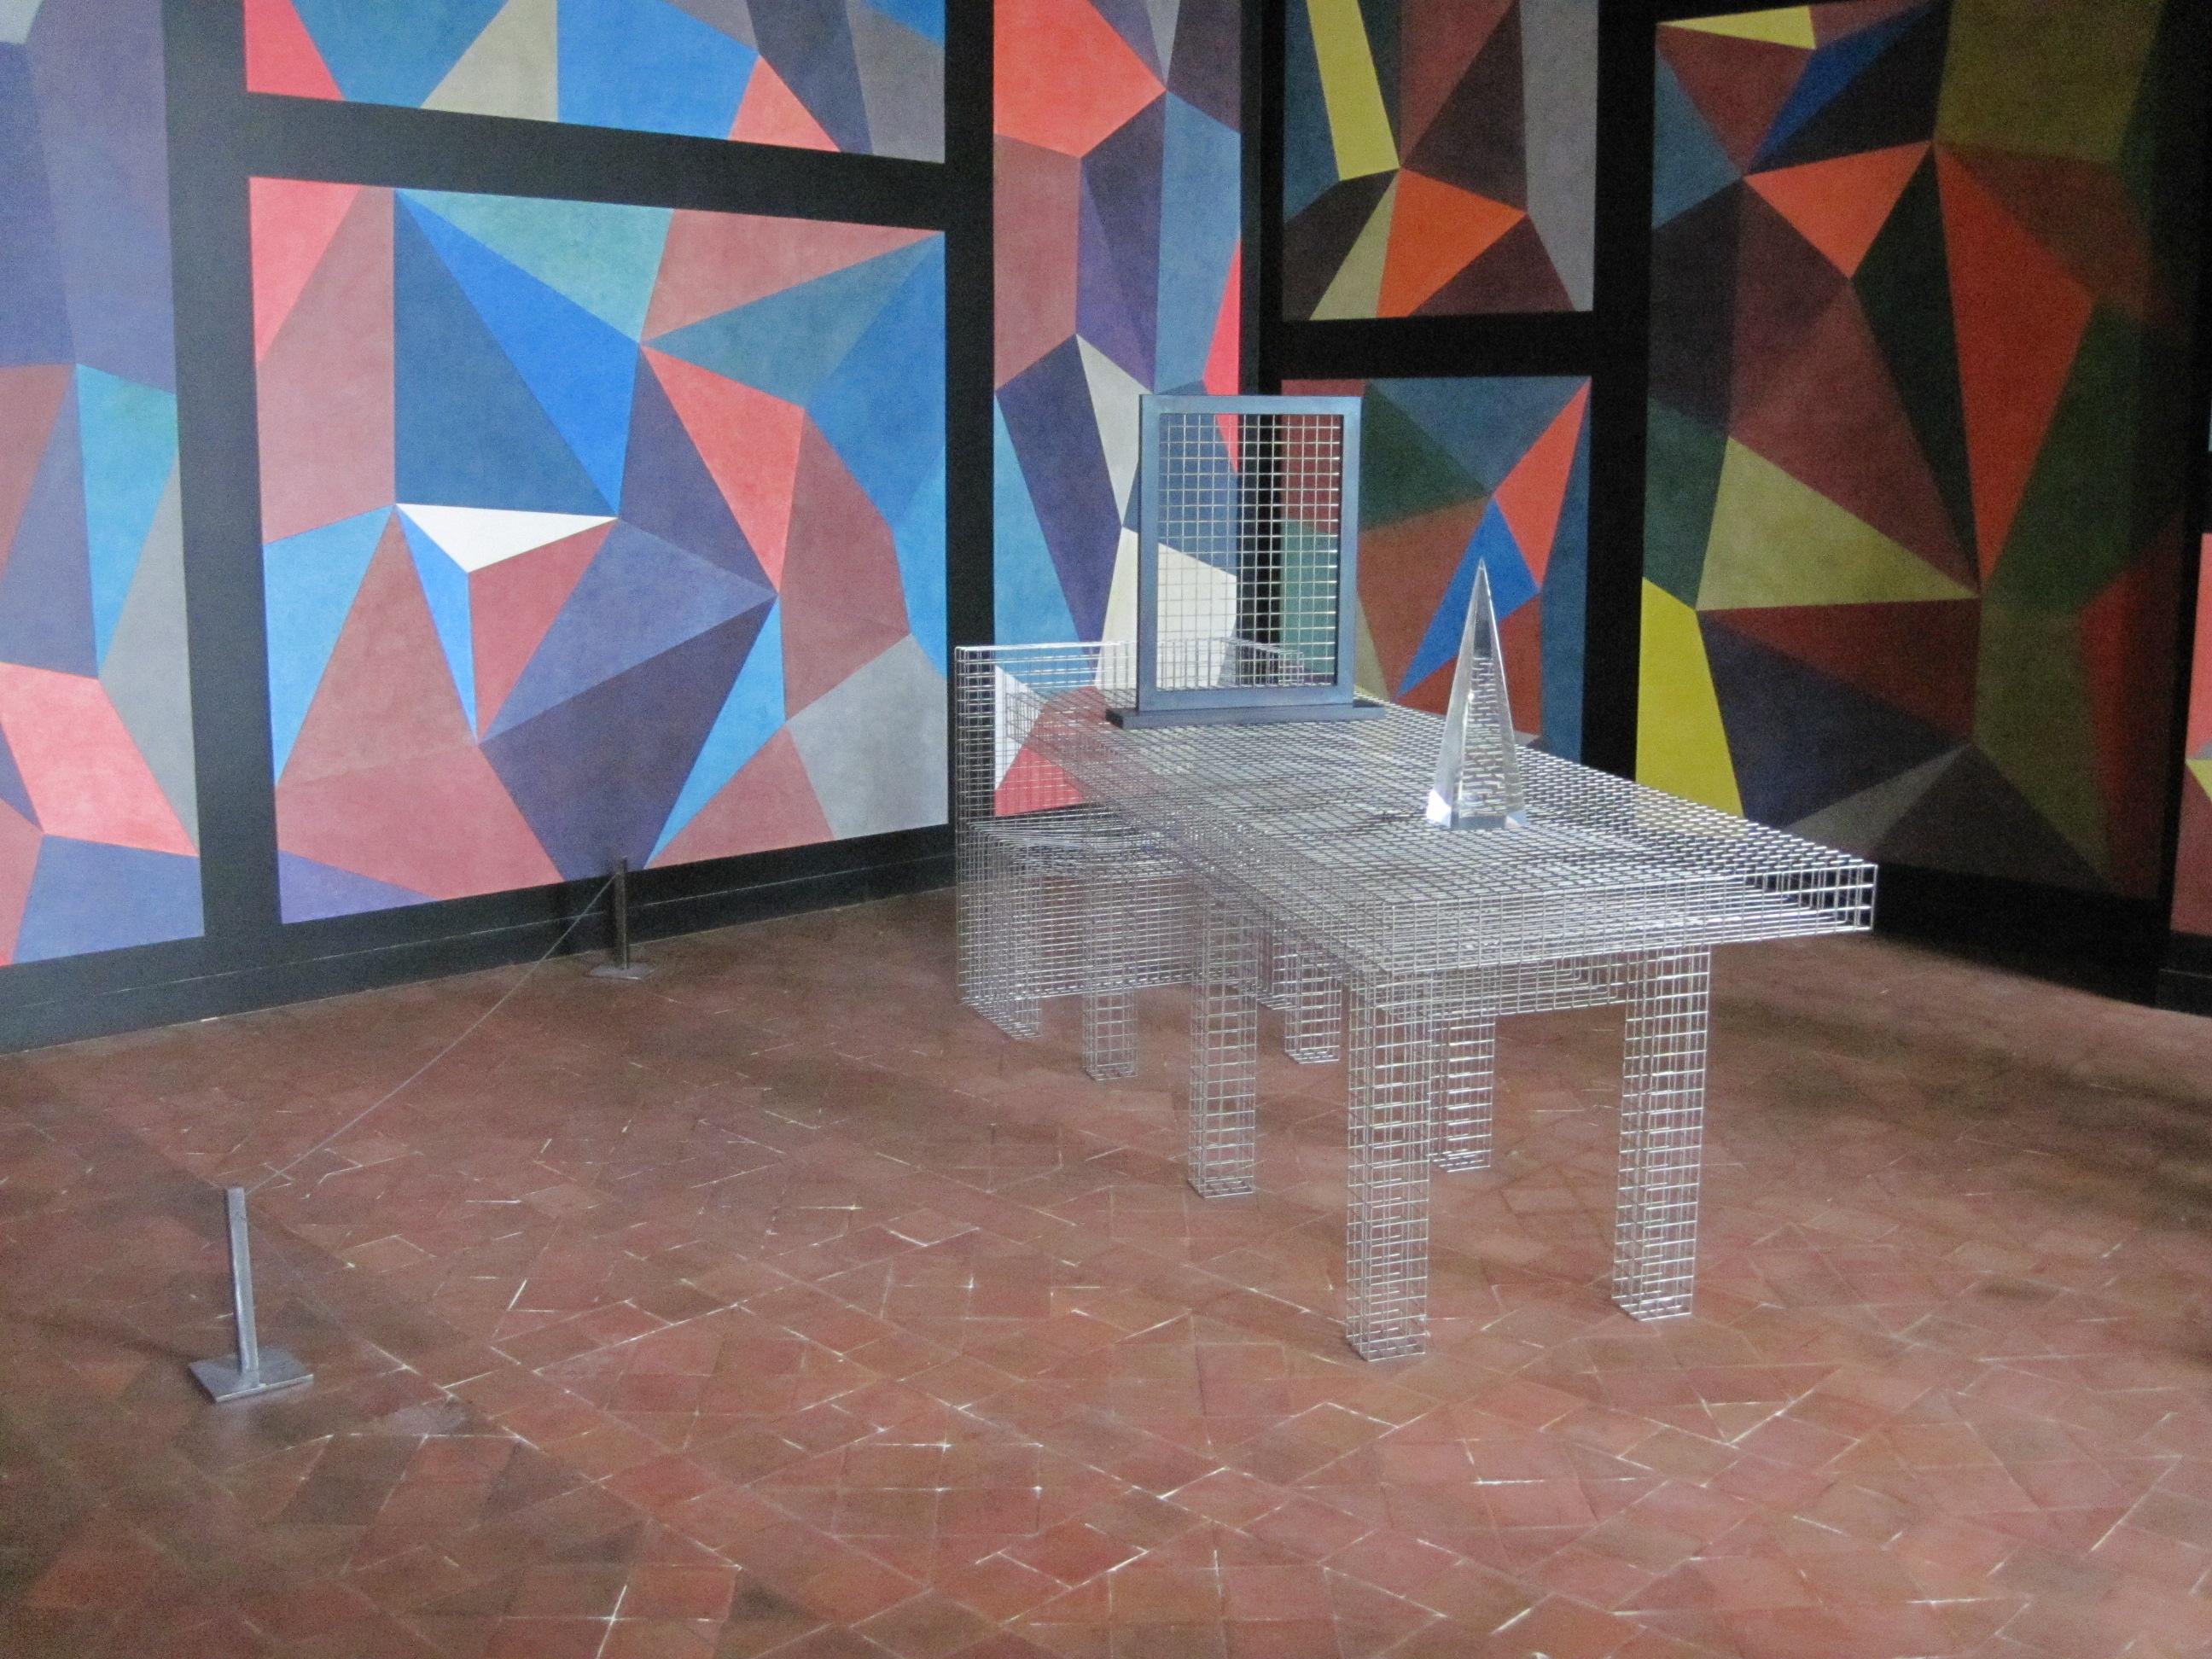 Table, banc, cadre, obélisque : Dr. Faustus Table and Chair, oeuvre en 4 éléments